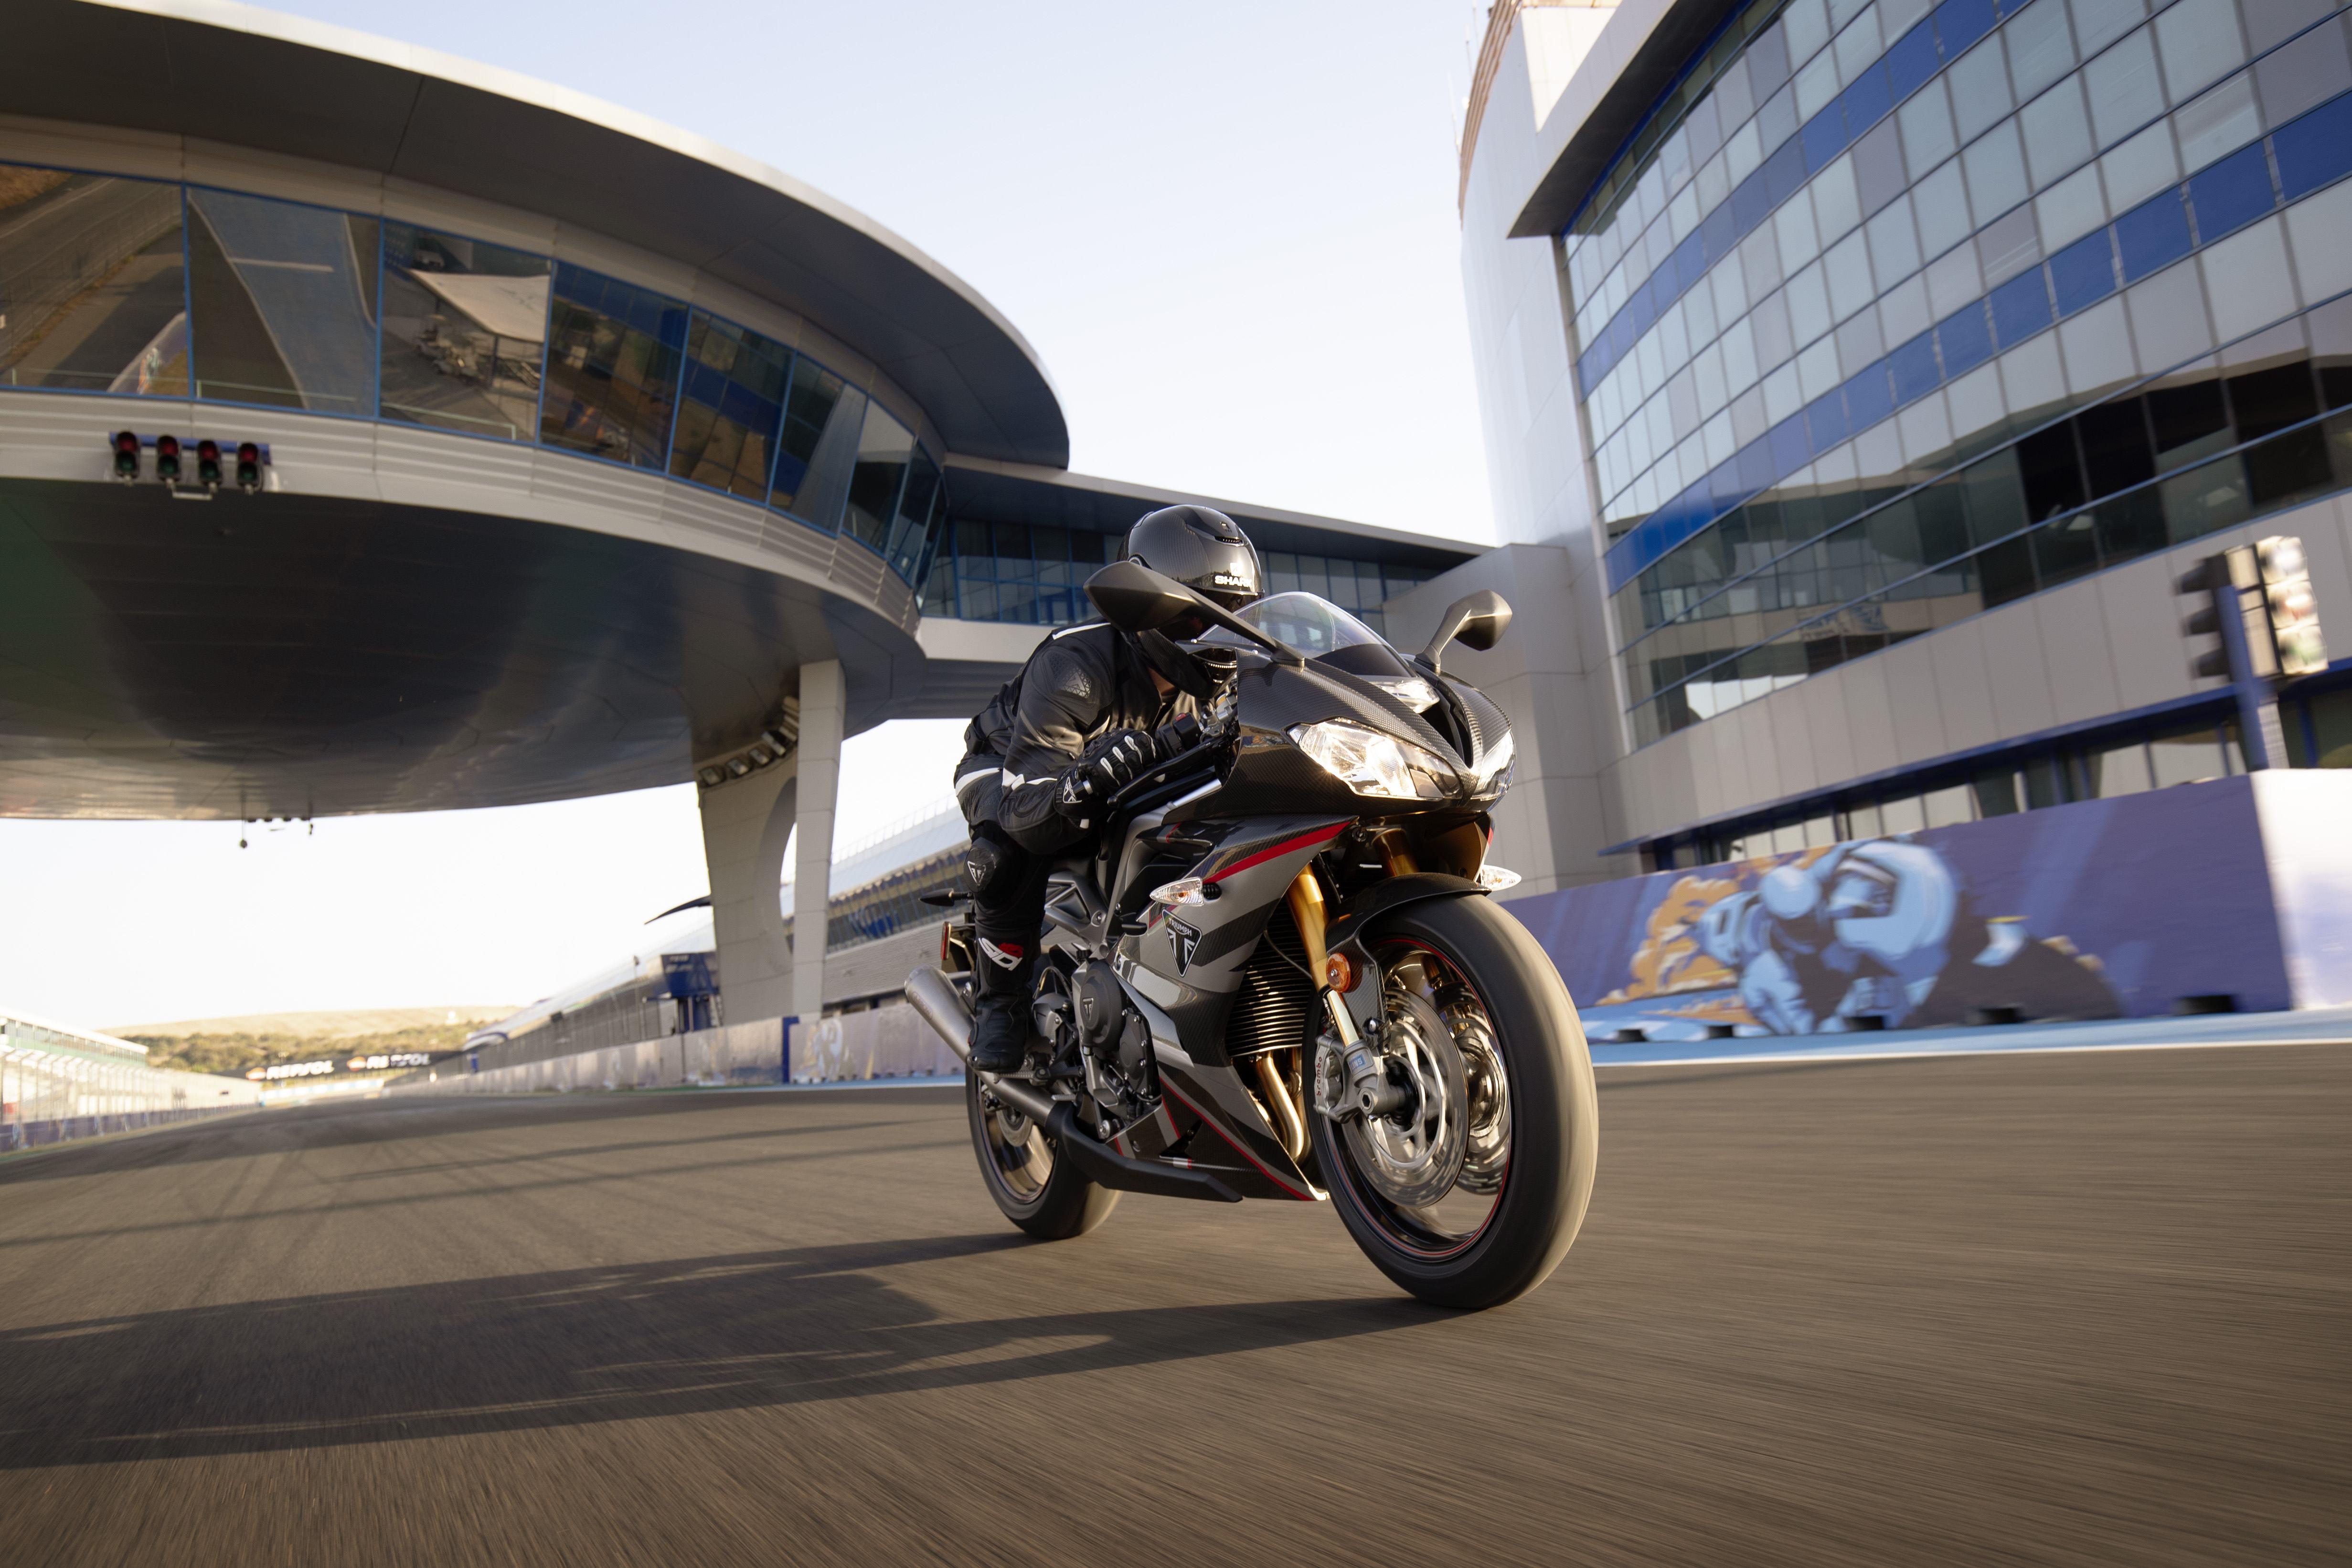 Daytona-Moto2-765-US-Dynamic-3.jpg